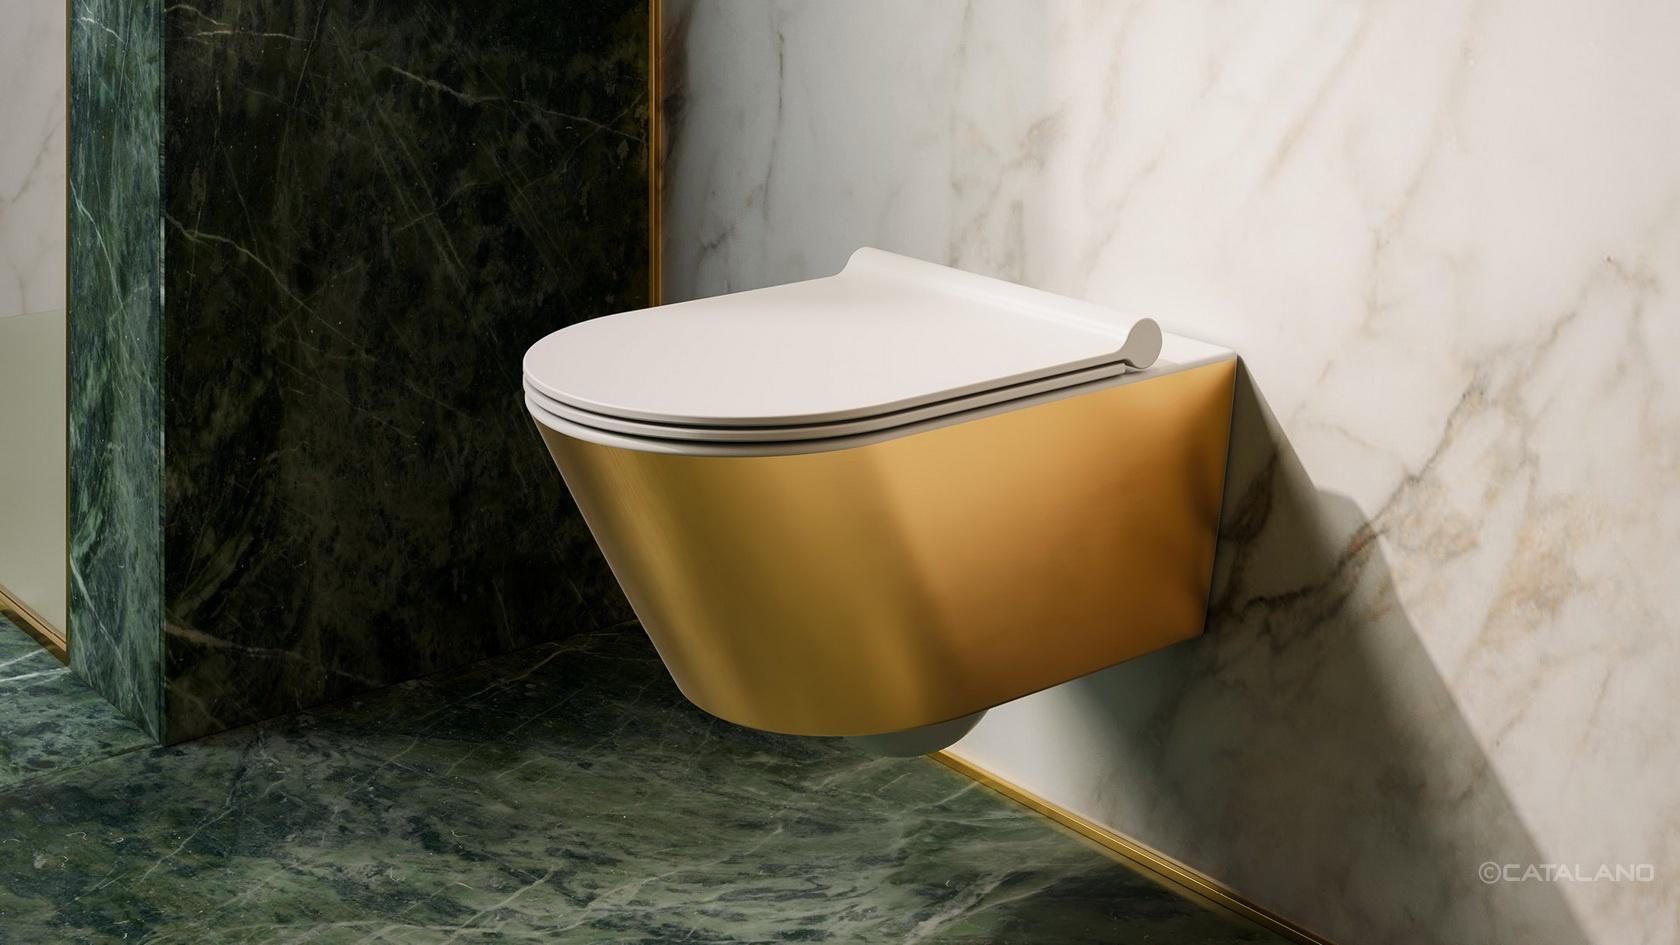 catalano sanitarios, baños reformados, sanitarios tres cantos, inodoro suspendido, diseño italiano, reformas baños (12)